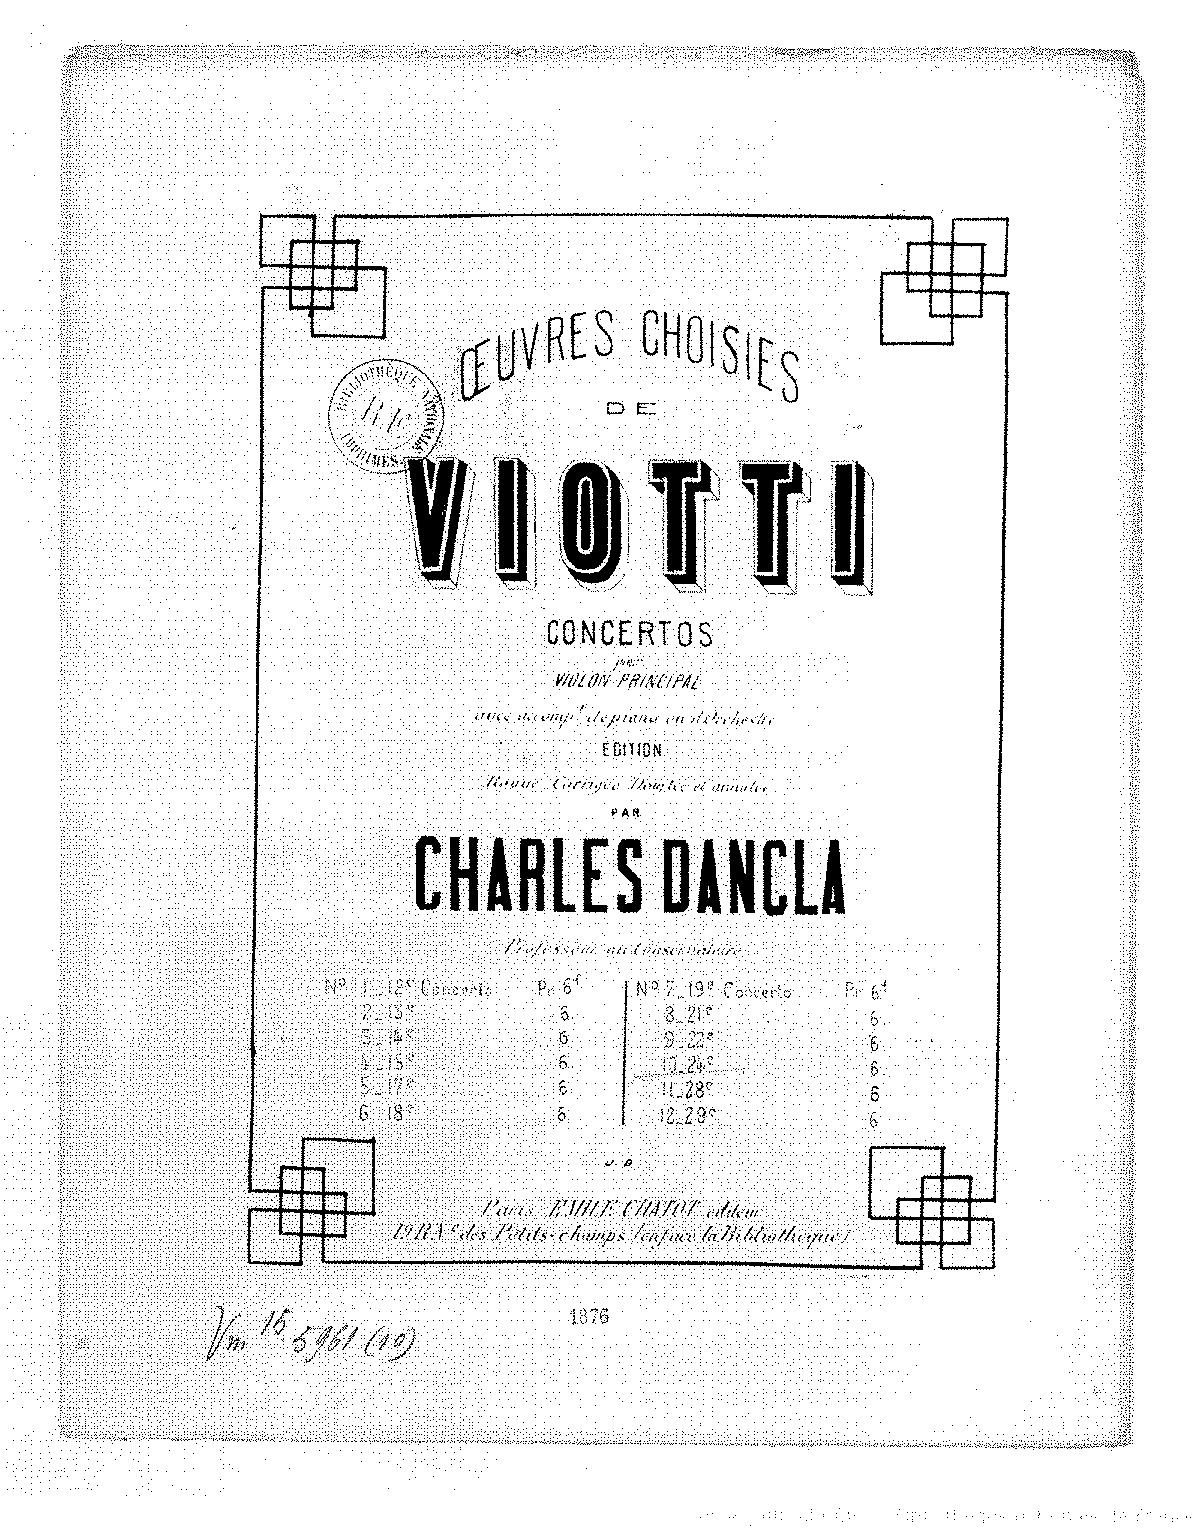 Violin Concerto No.24 in B minor (Viotti, Giovanni